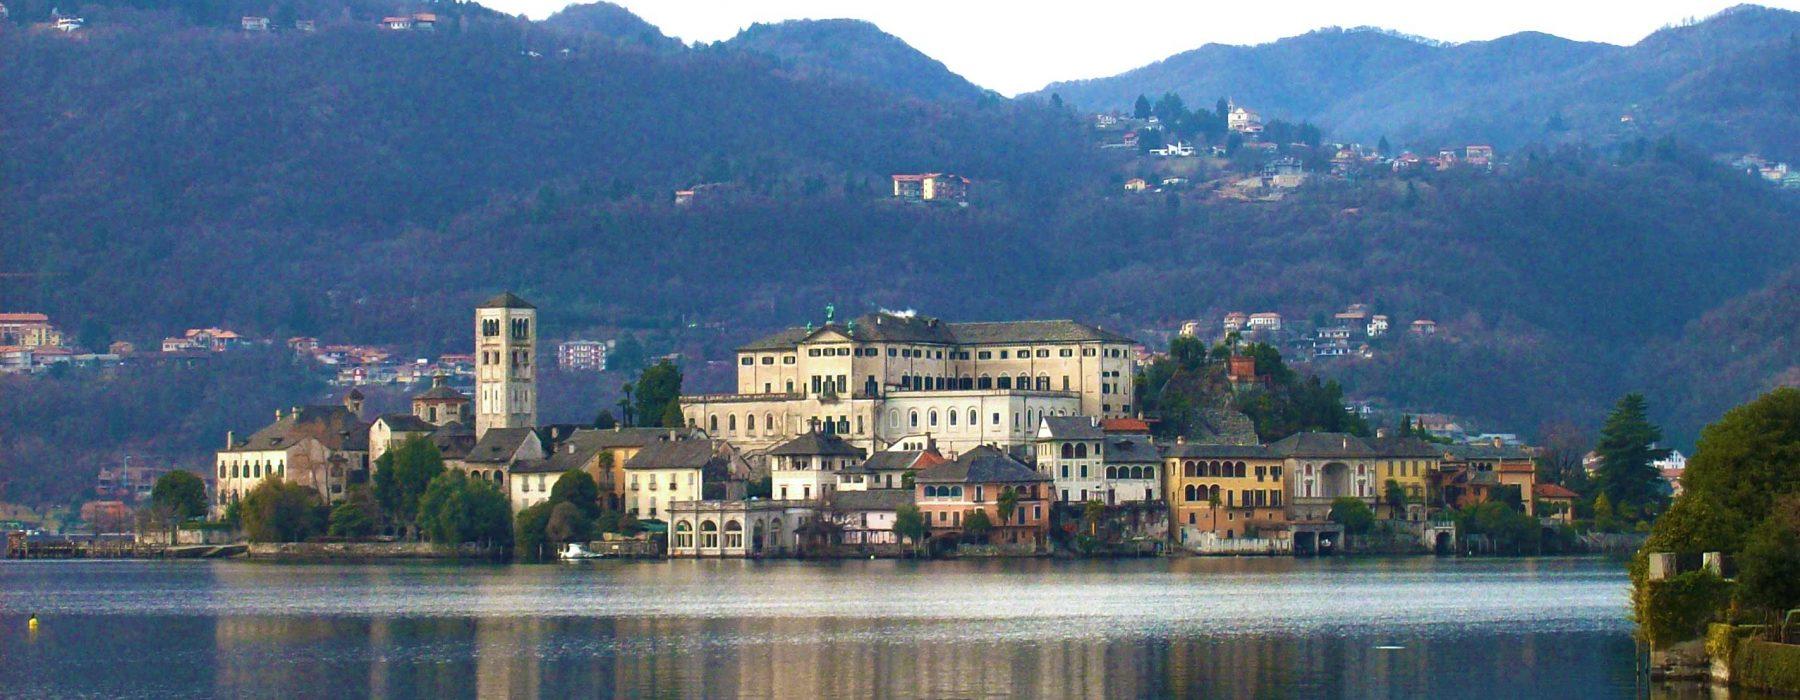 Le cadre romantique du lac d'Orta…. Un rendez-vous avec l'amour